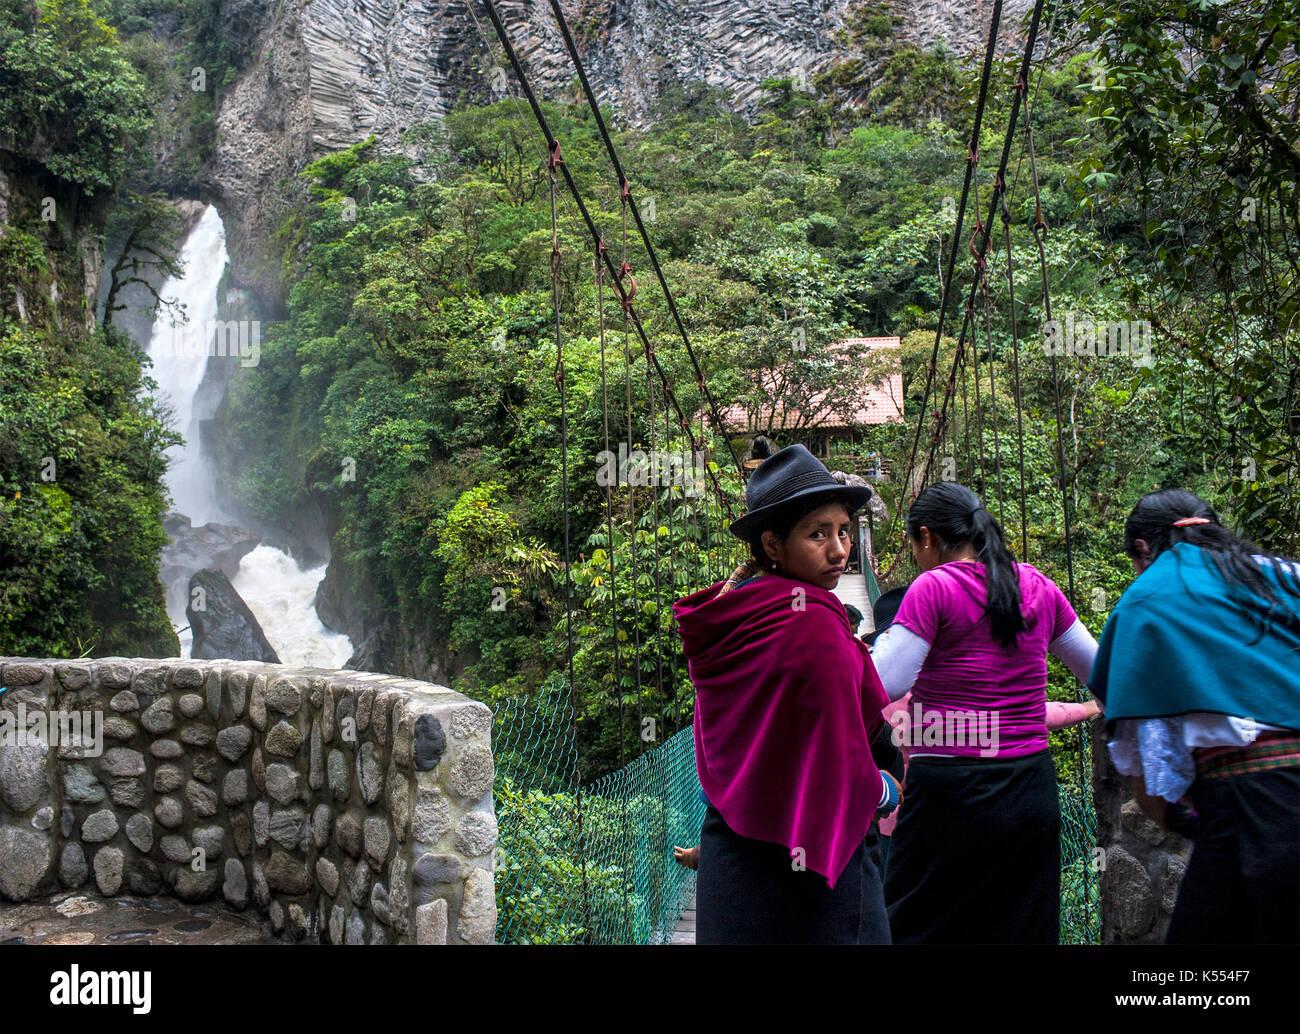 Banos de agua santa, route des cascades, de l'Equateur - Le 1 mai 2012: les femmes autochtones à pied en traversant le pont du diable en cascade du chaudron (espagnol: pailon Photo Stock